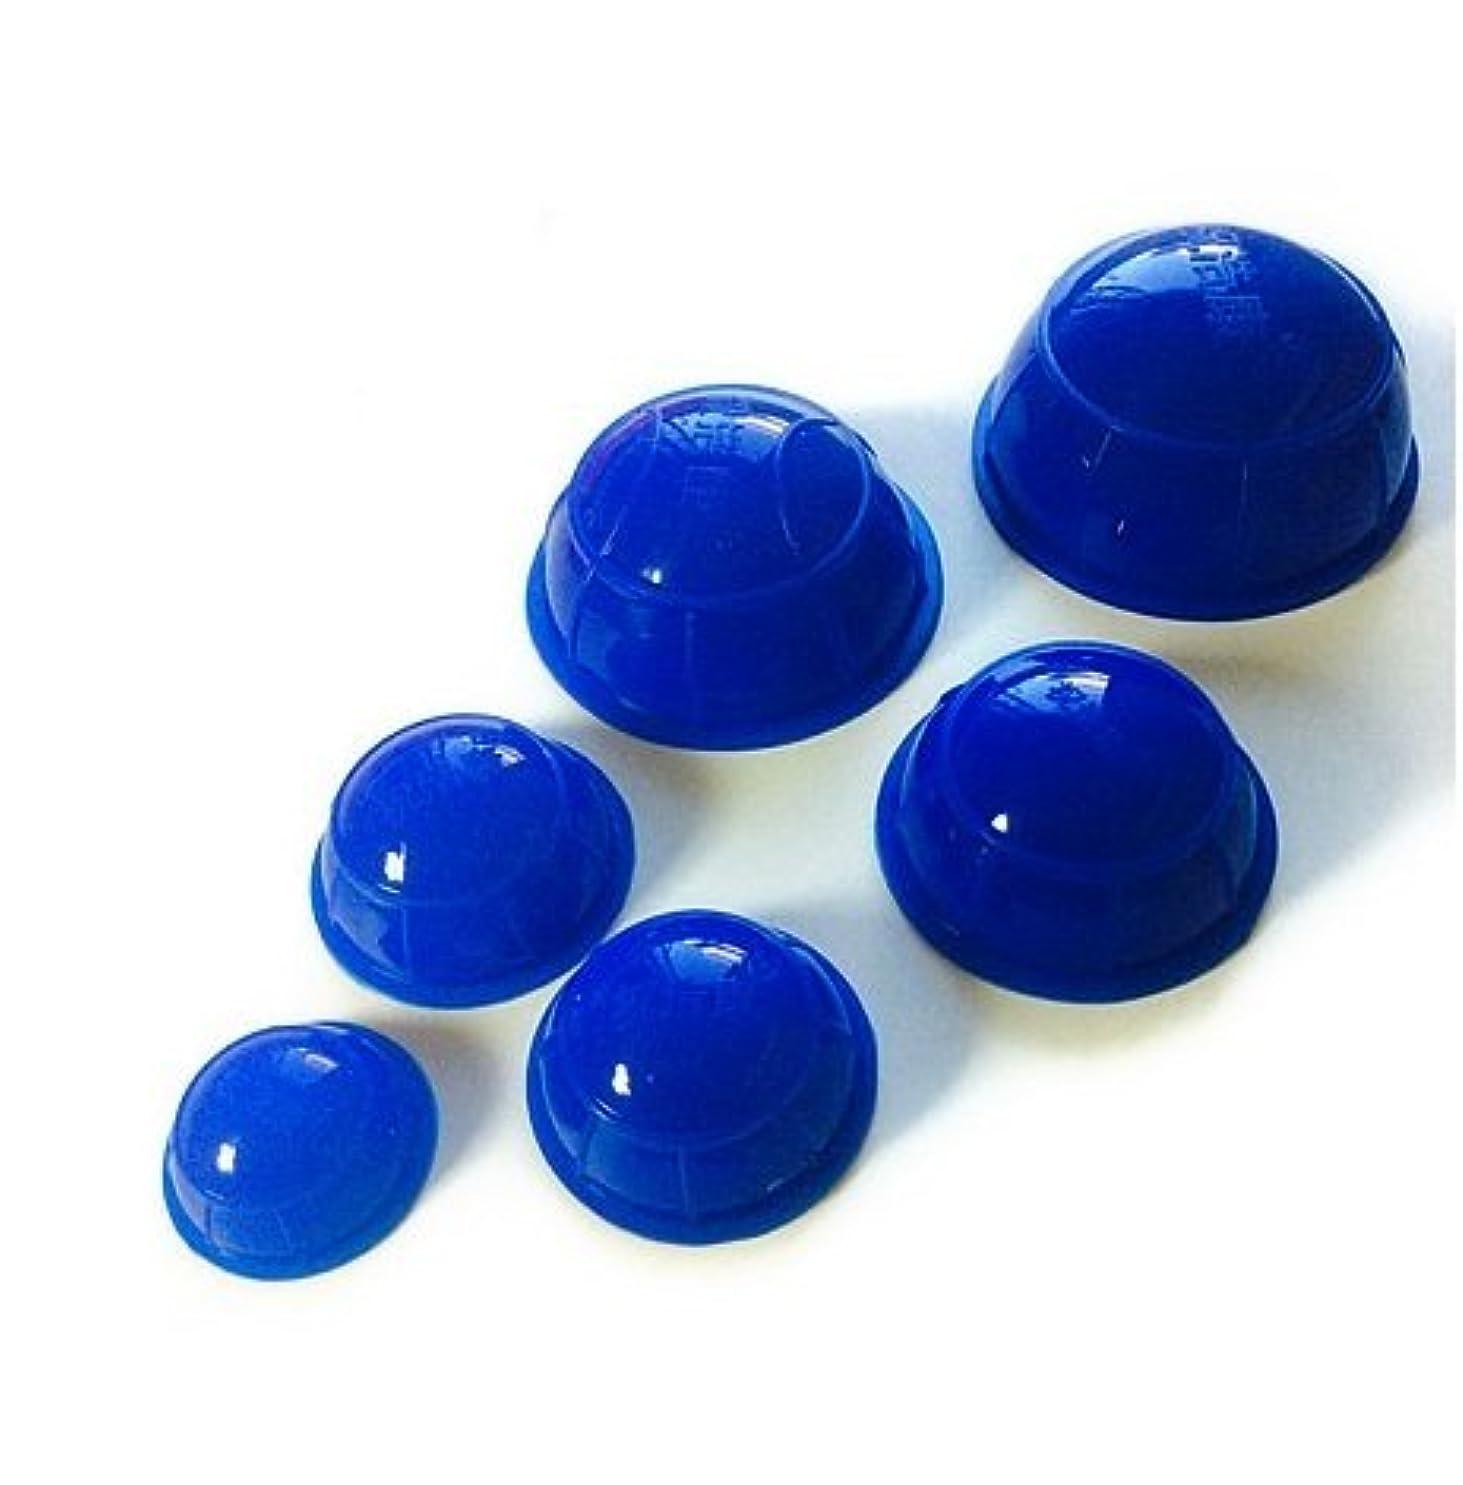 正当なやろうコーラス簡易 吸い玉6個セット ブルー 大中小5種類の大きさ